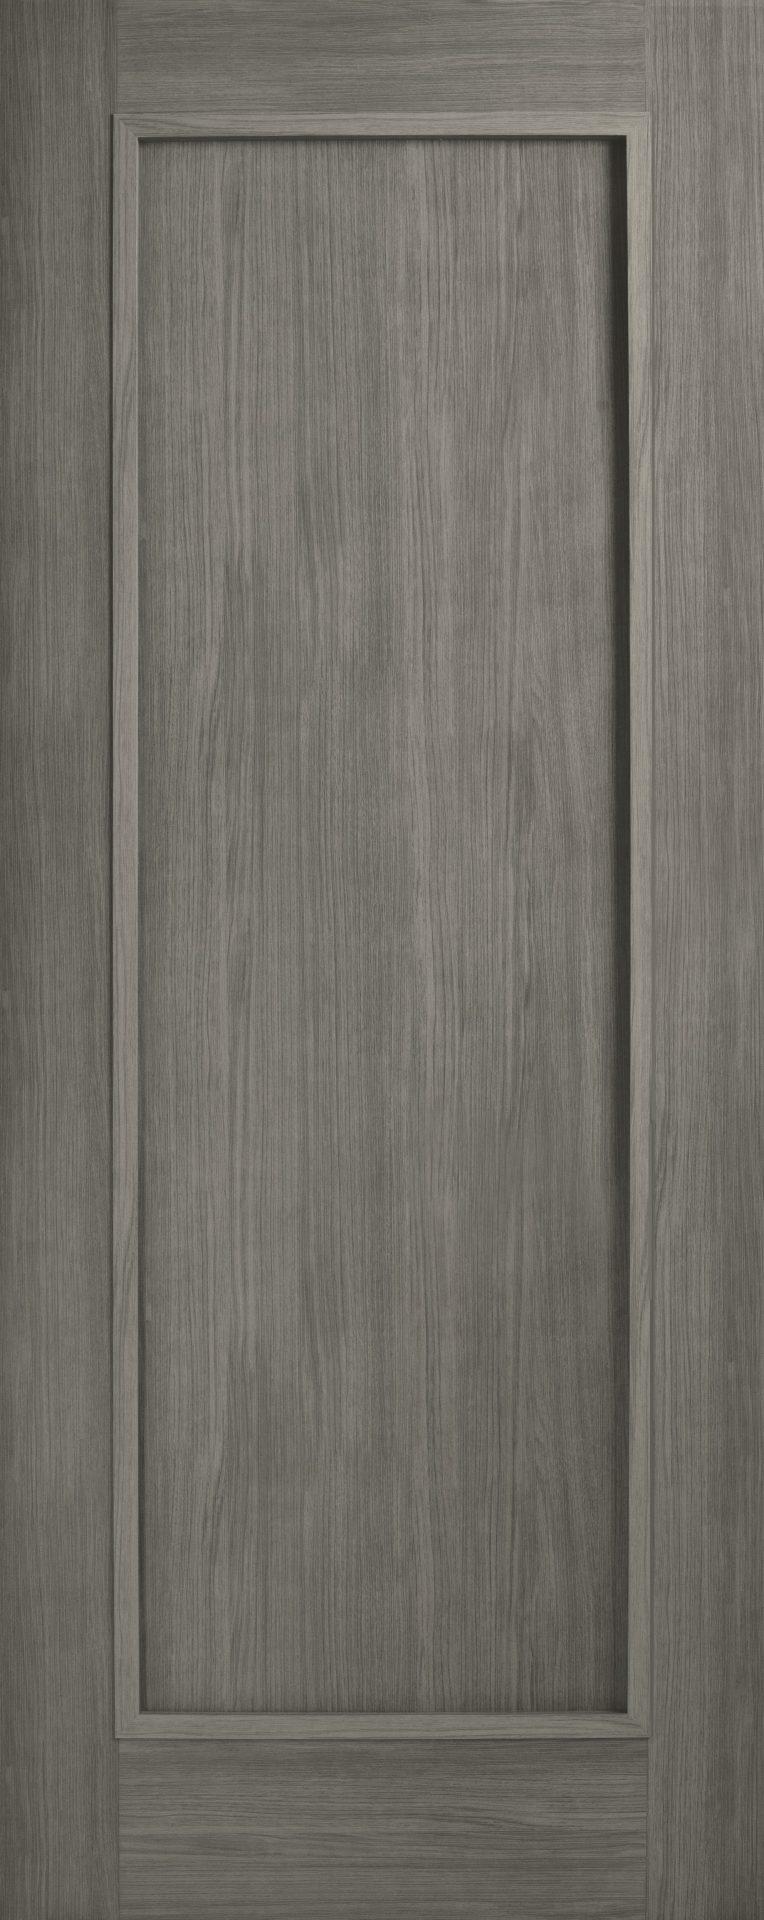 Daiken grey 1p